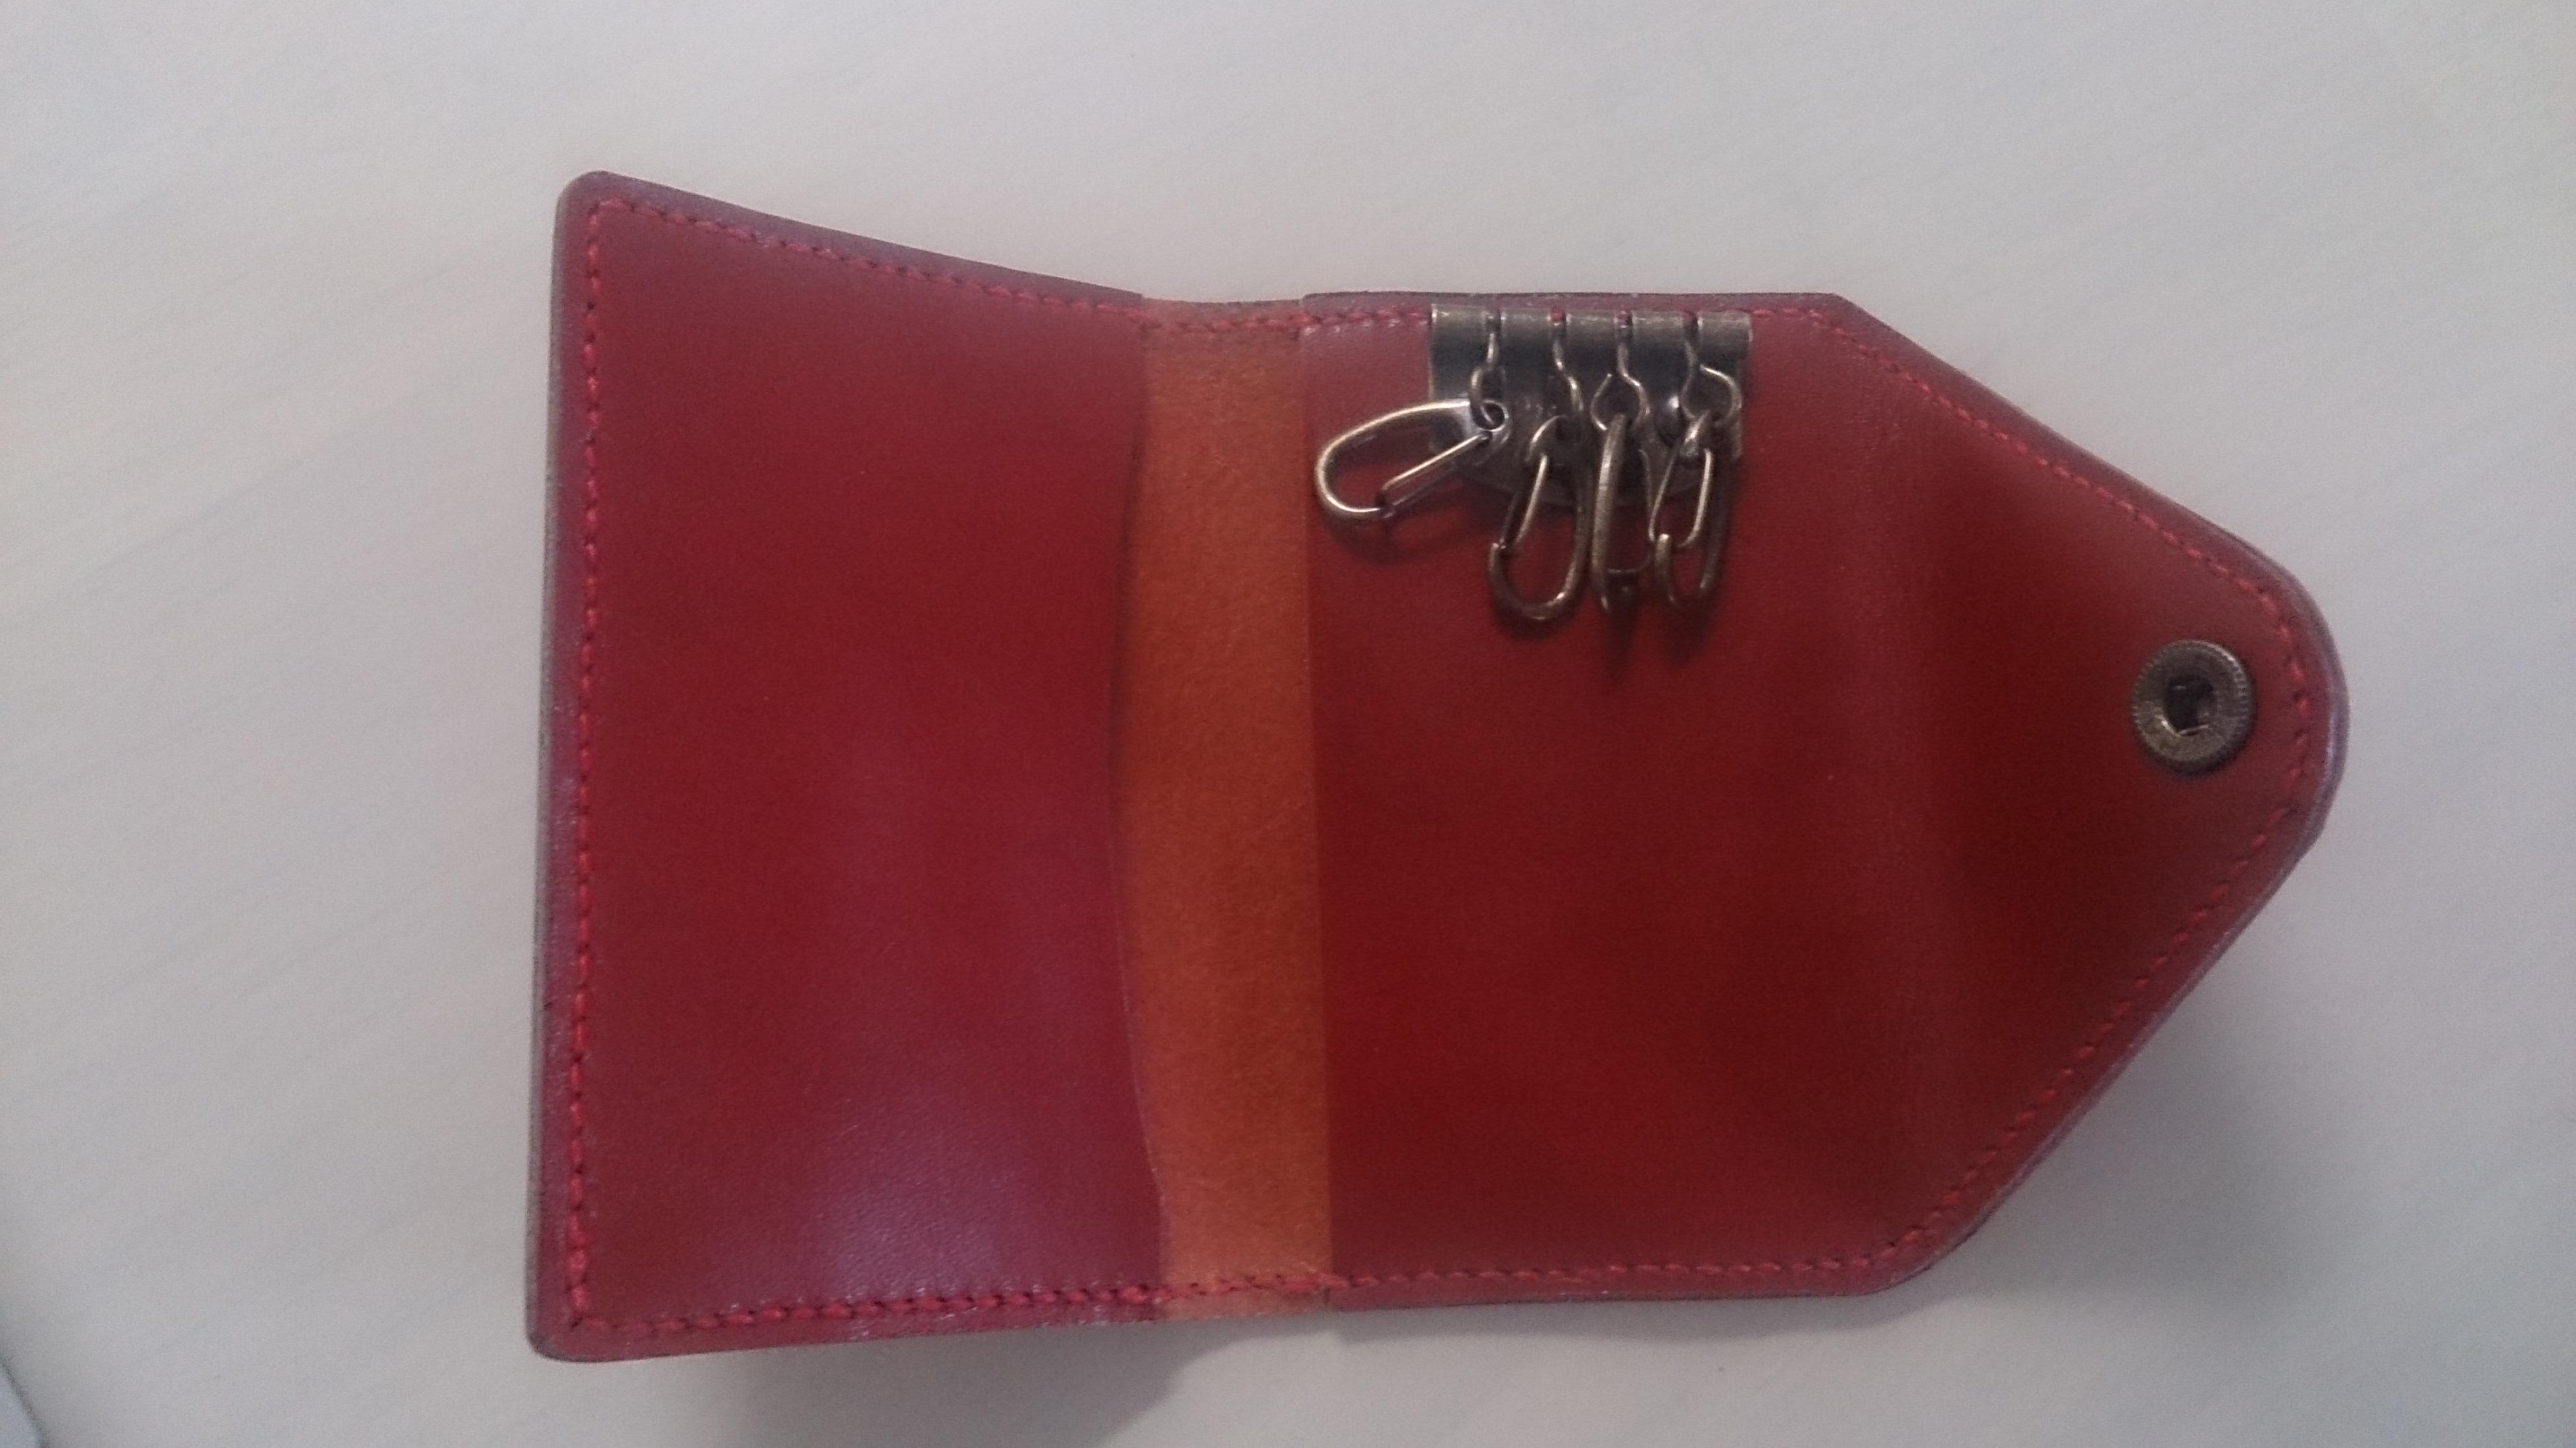 赤いヌメ革のキーケース 革の周りを縫い付ける